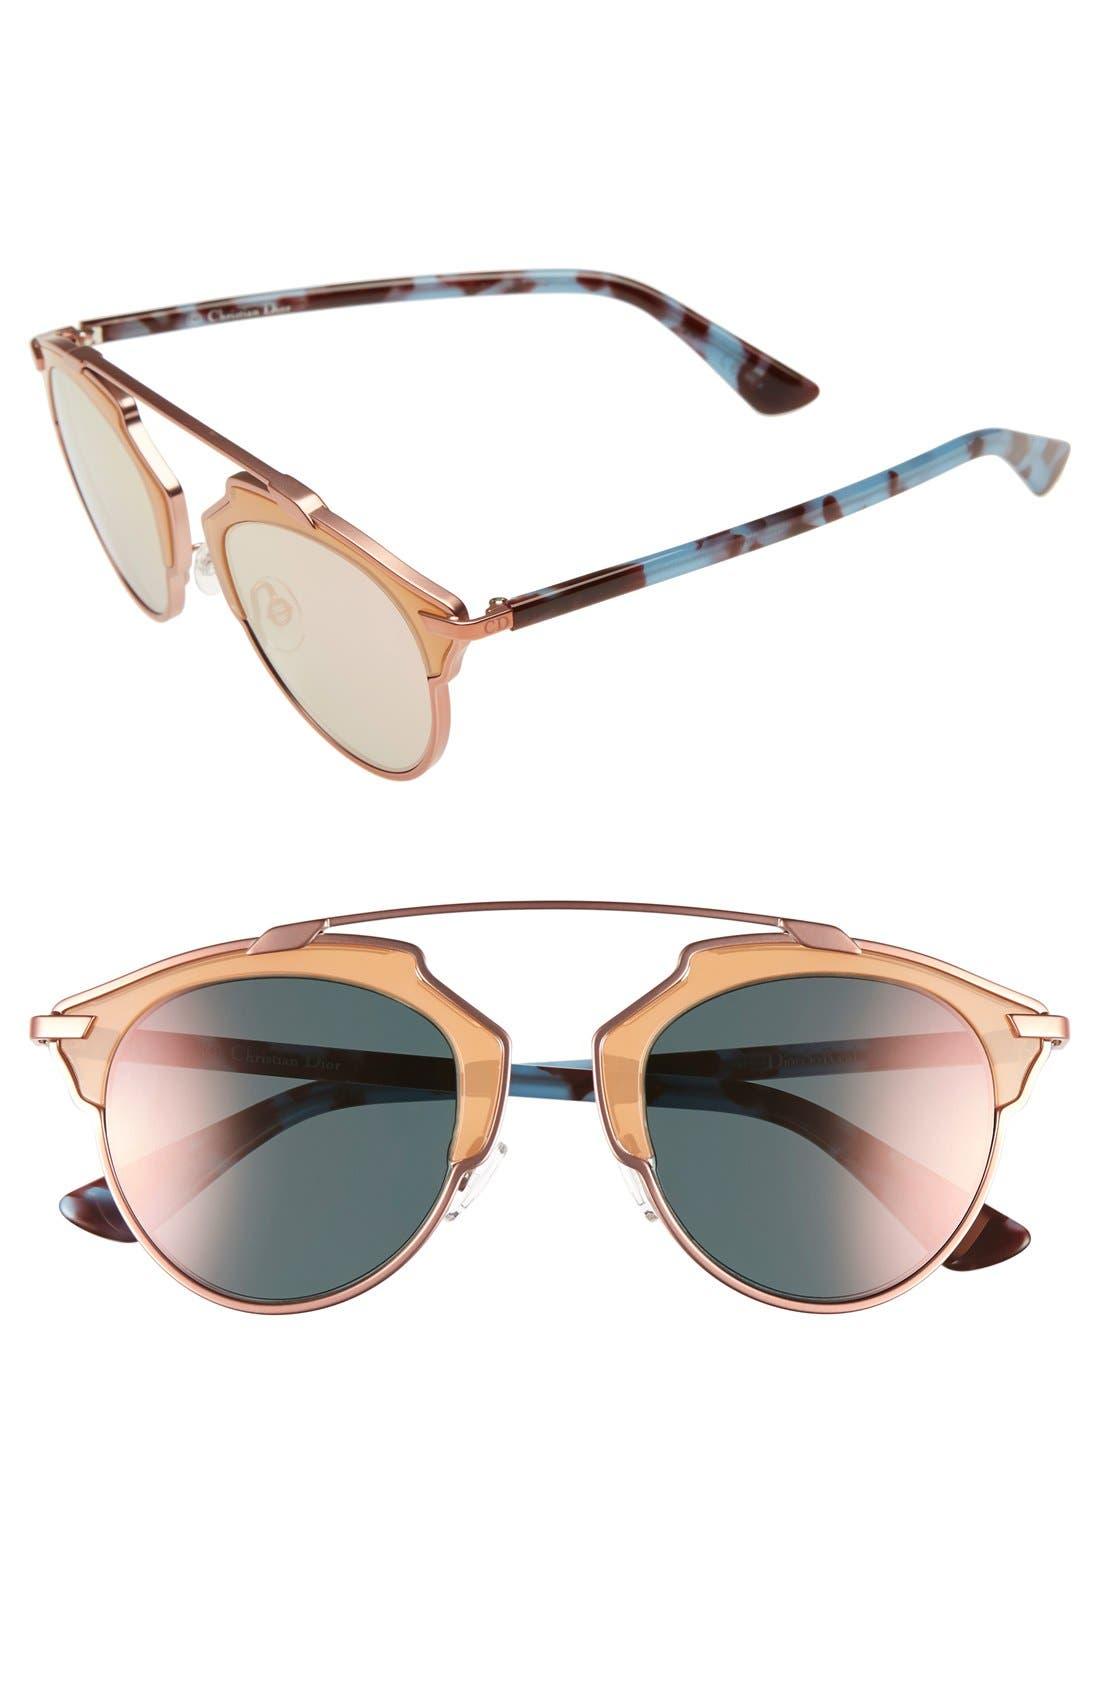 So Real 48mm Brow Bar Sunglasses,                             Main thumbnail 22, color,